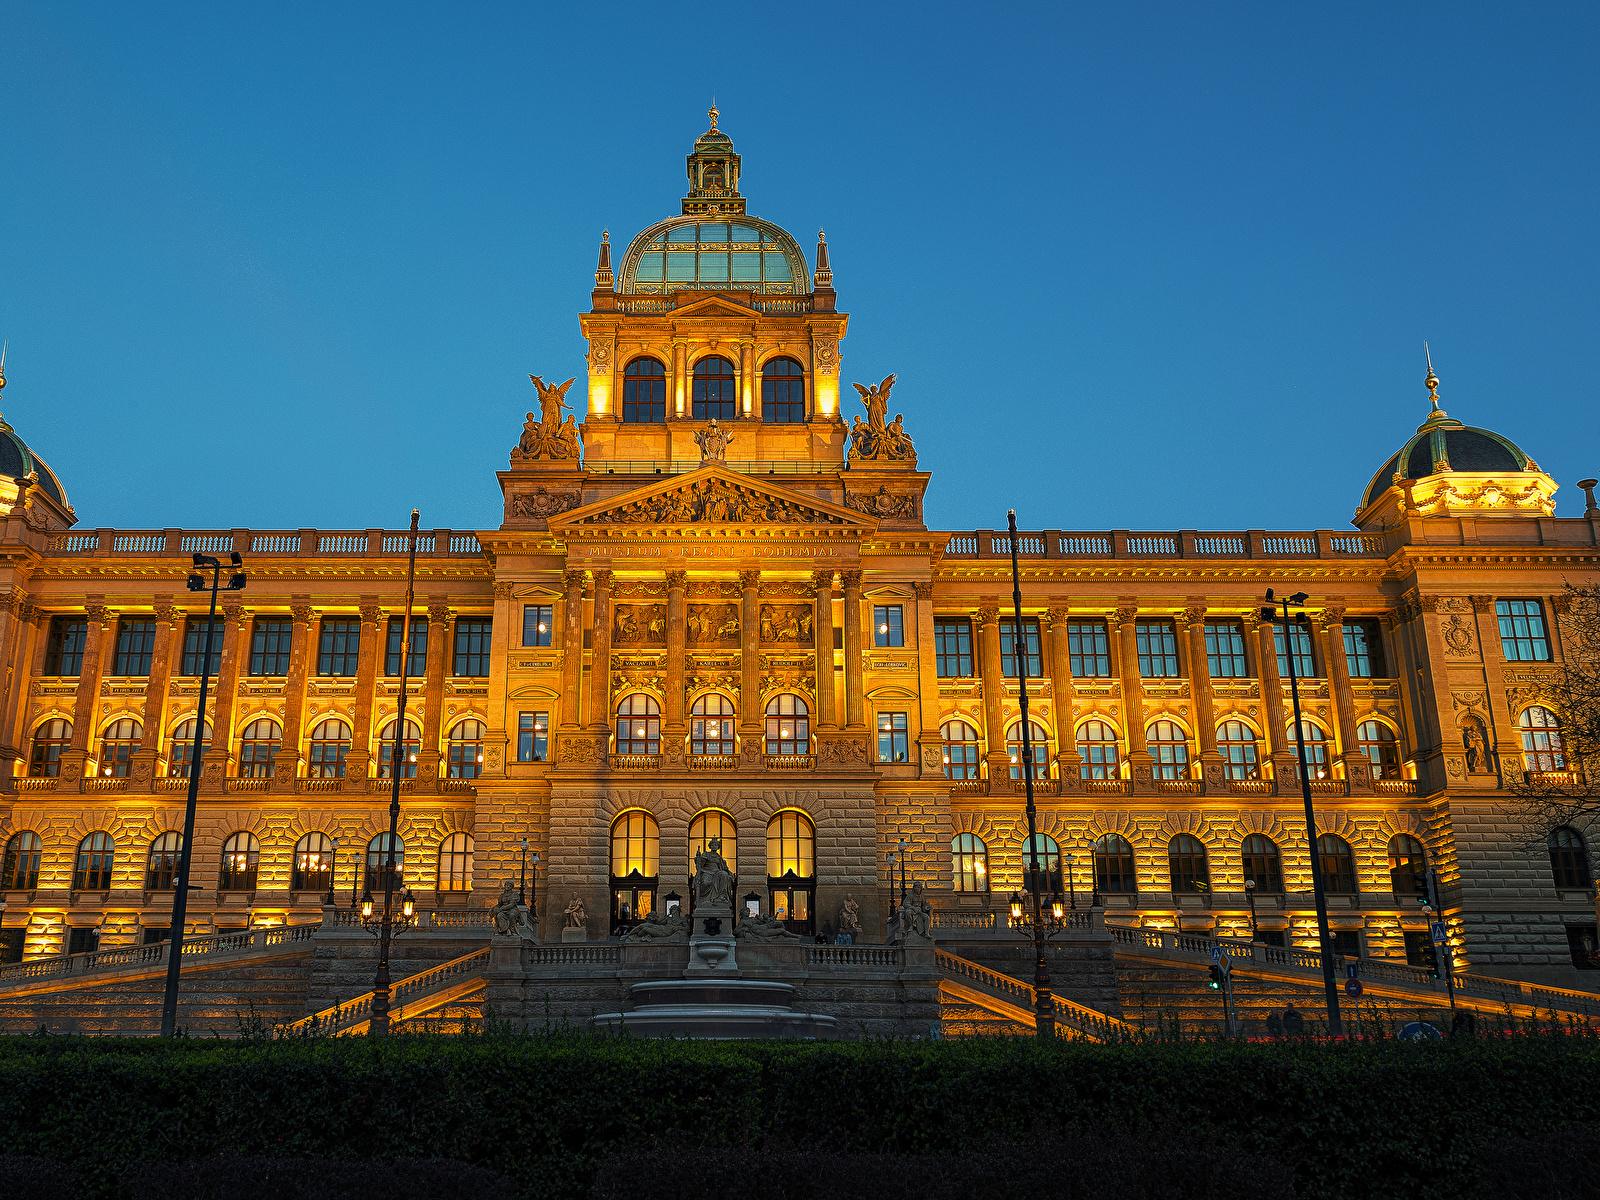 Фотография Прага Чехия Музей National Museum лестницы Вечер Уличные фонари Дома Города 1600x1200 Лестница Здания